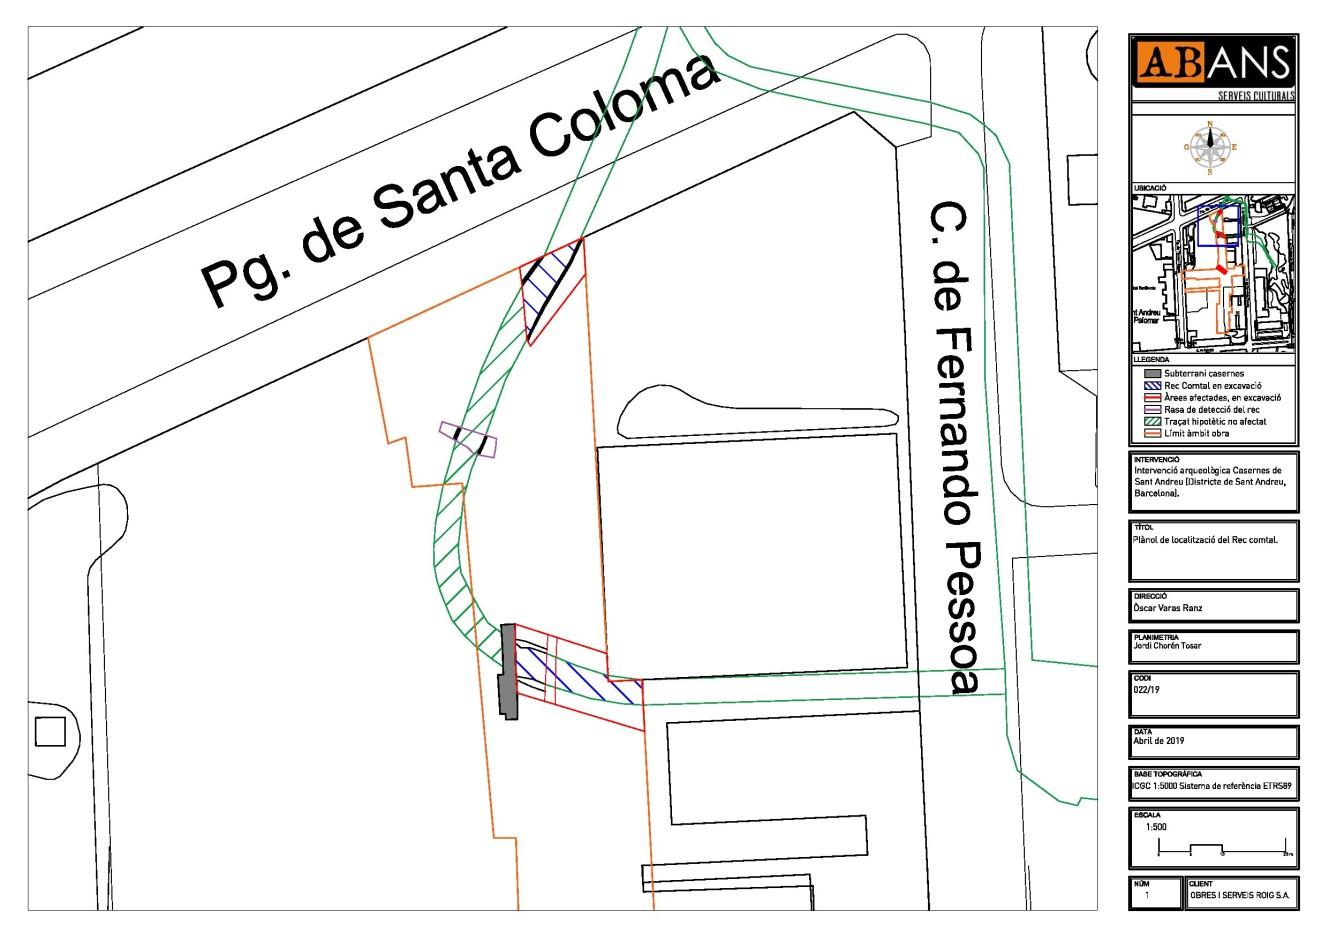 Plànol amb la localització dels dos trams de Rec Comtal localitzats durant la present intervenció. Font: ABANS Serveis Culturals